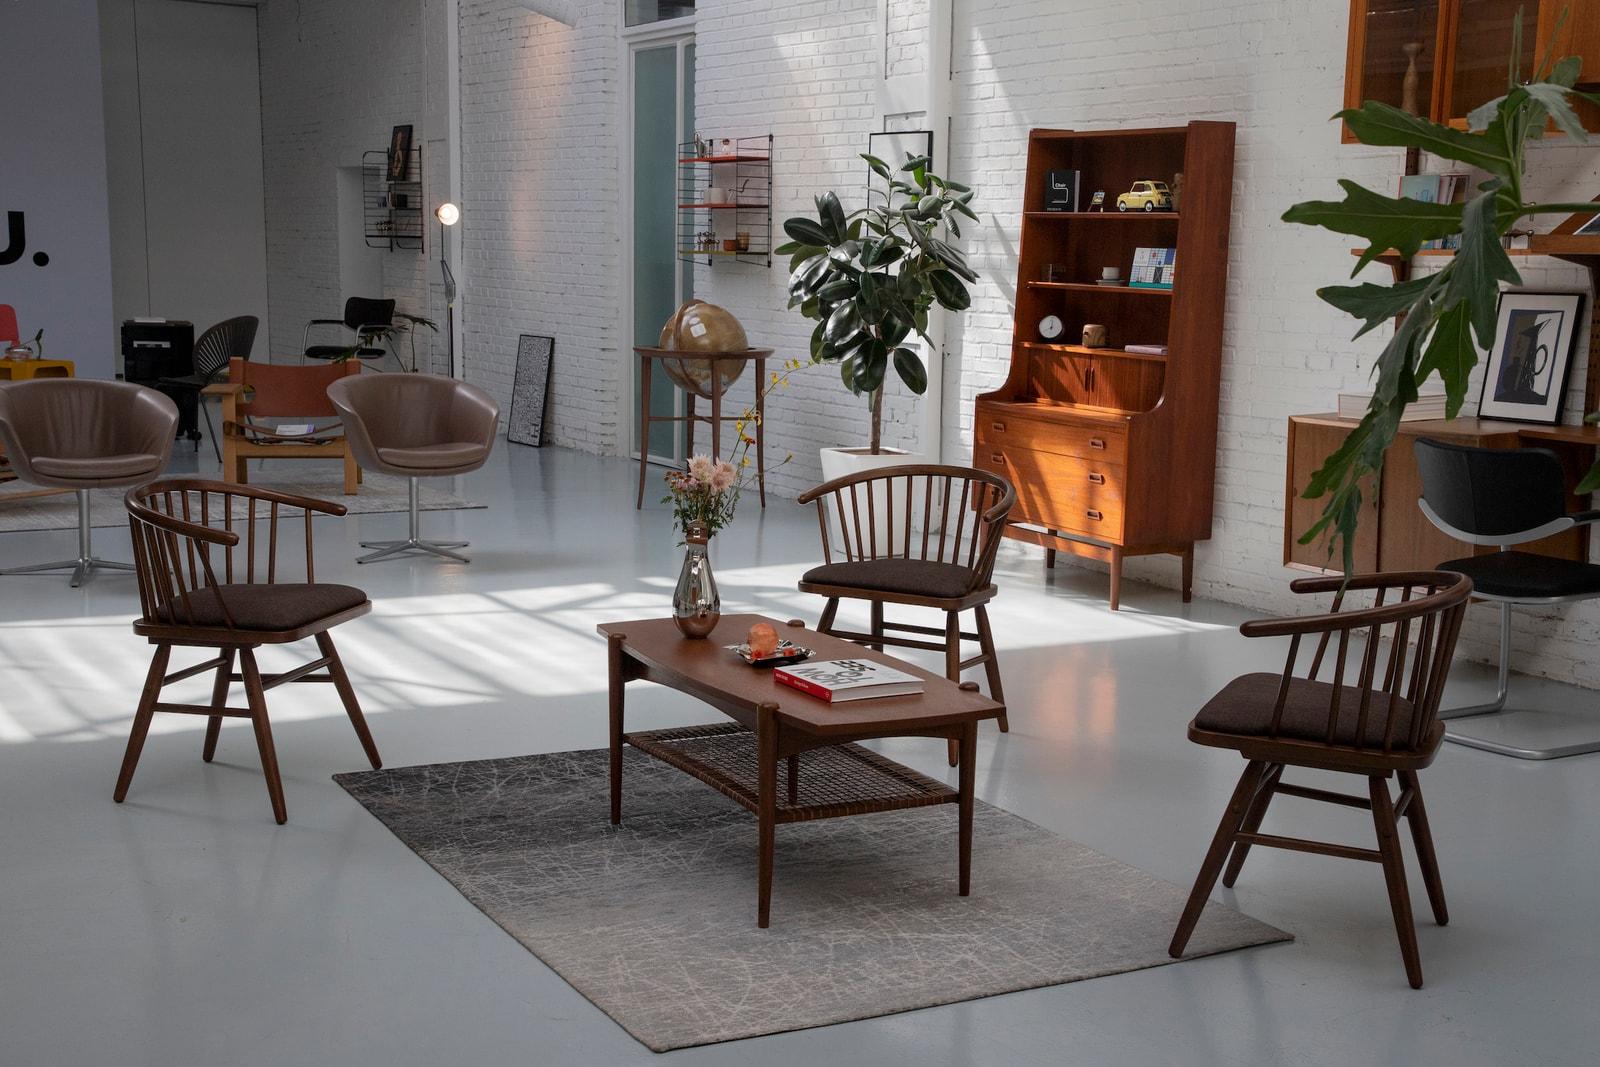 舊的比新的好?購買、保養及收藏「中古家具」的 4 點建議